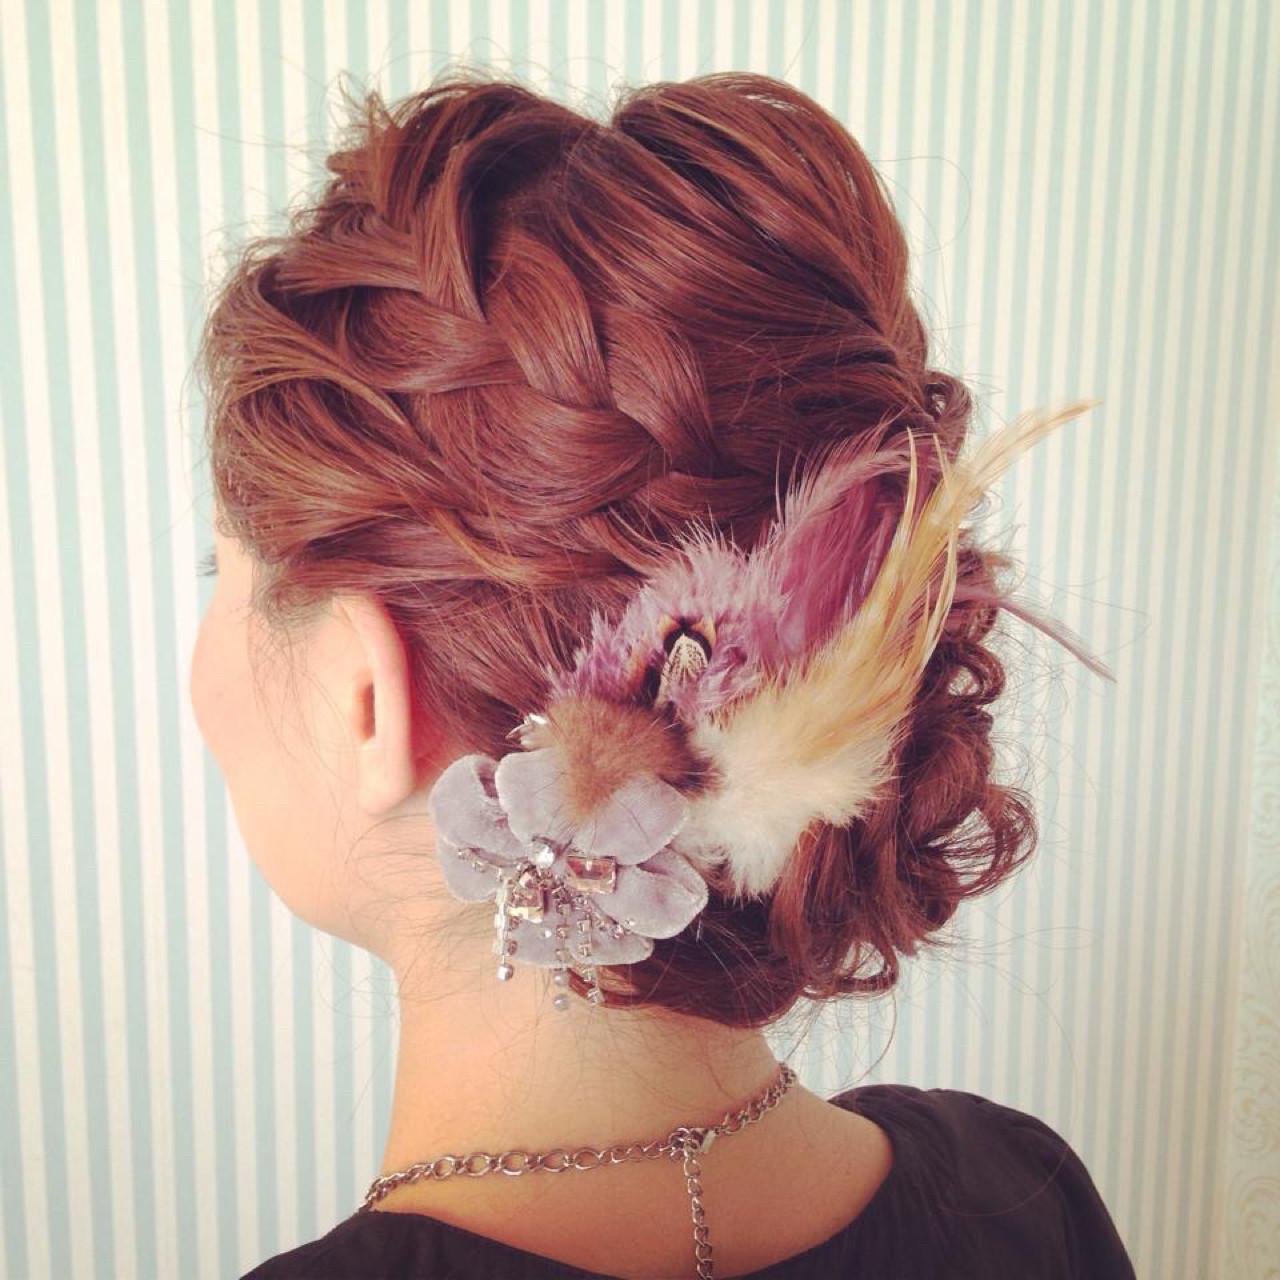 ヘアアレンジ 伸ばしかけ 結婚式 セミロング ヘアスタイルや髪型の写真・画像